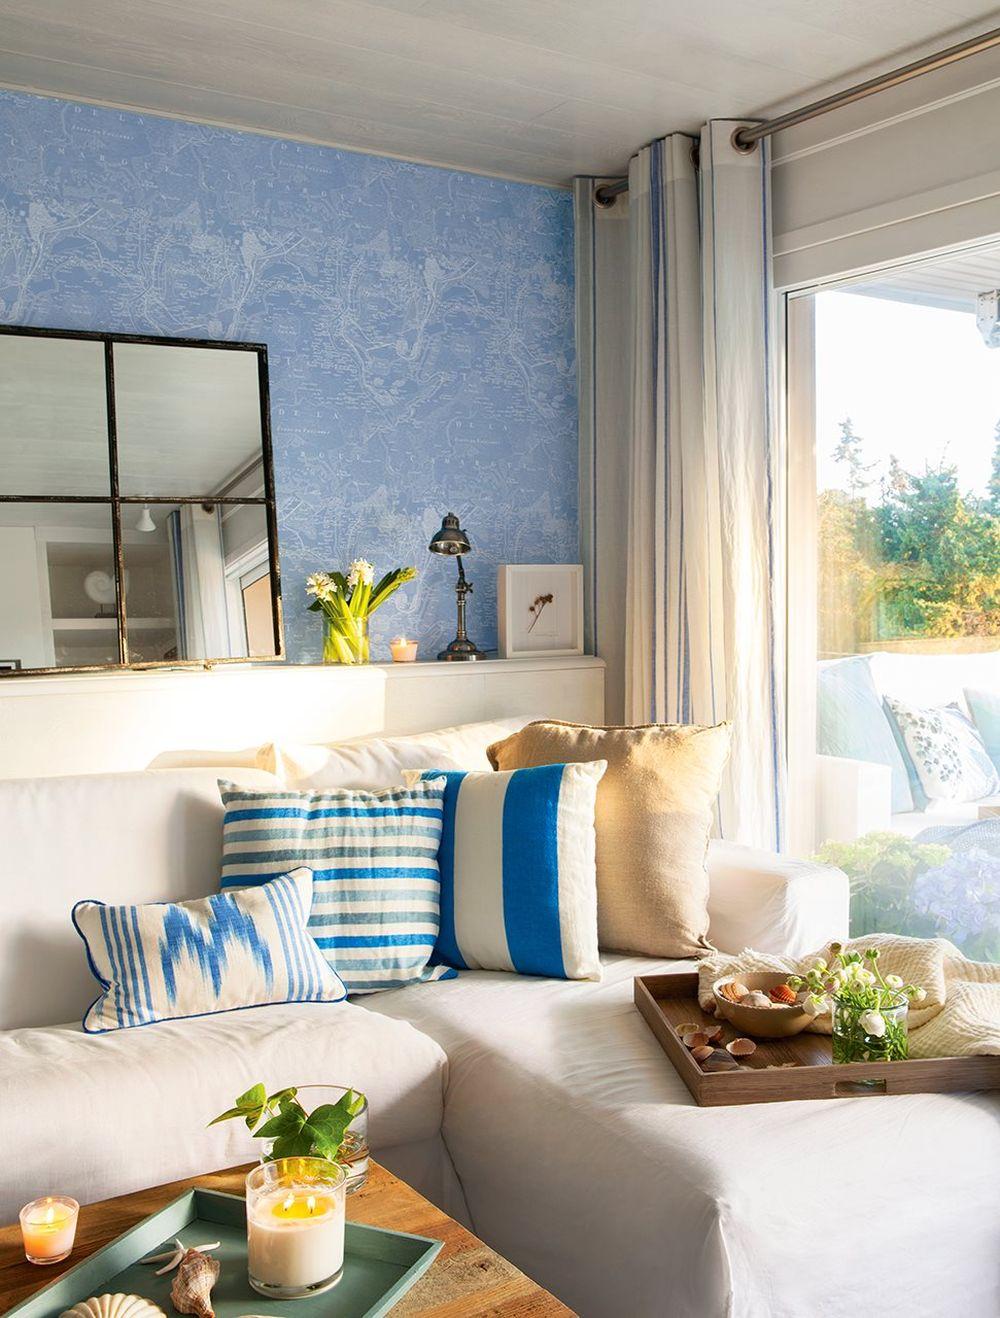 adelaparvu.com despre apartament 95 mp, Barcelona, designer Gemma Gallego, Foto ElMueble, Pepa Oromi (13)